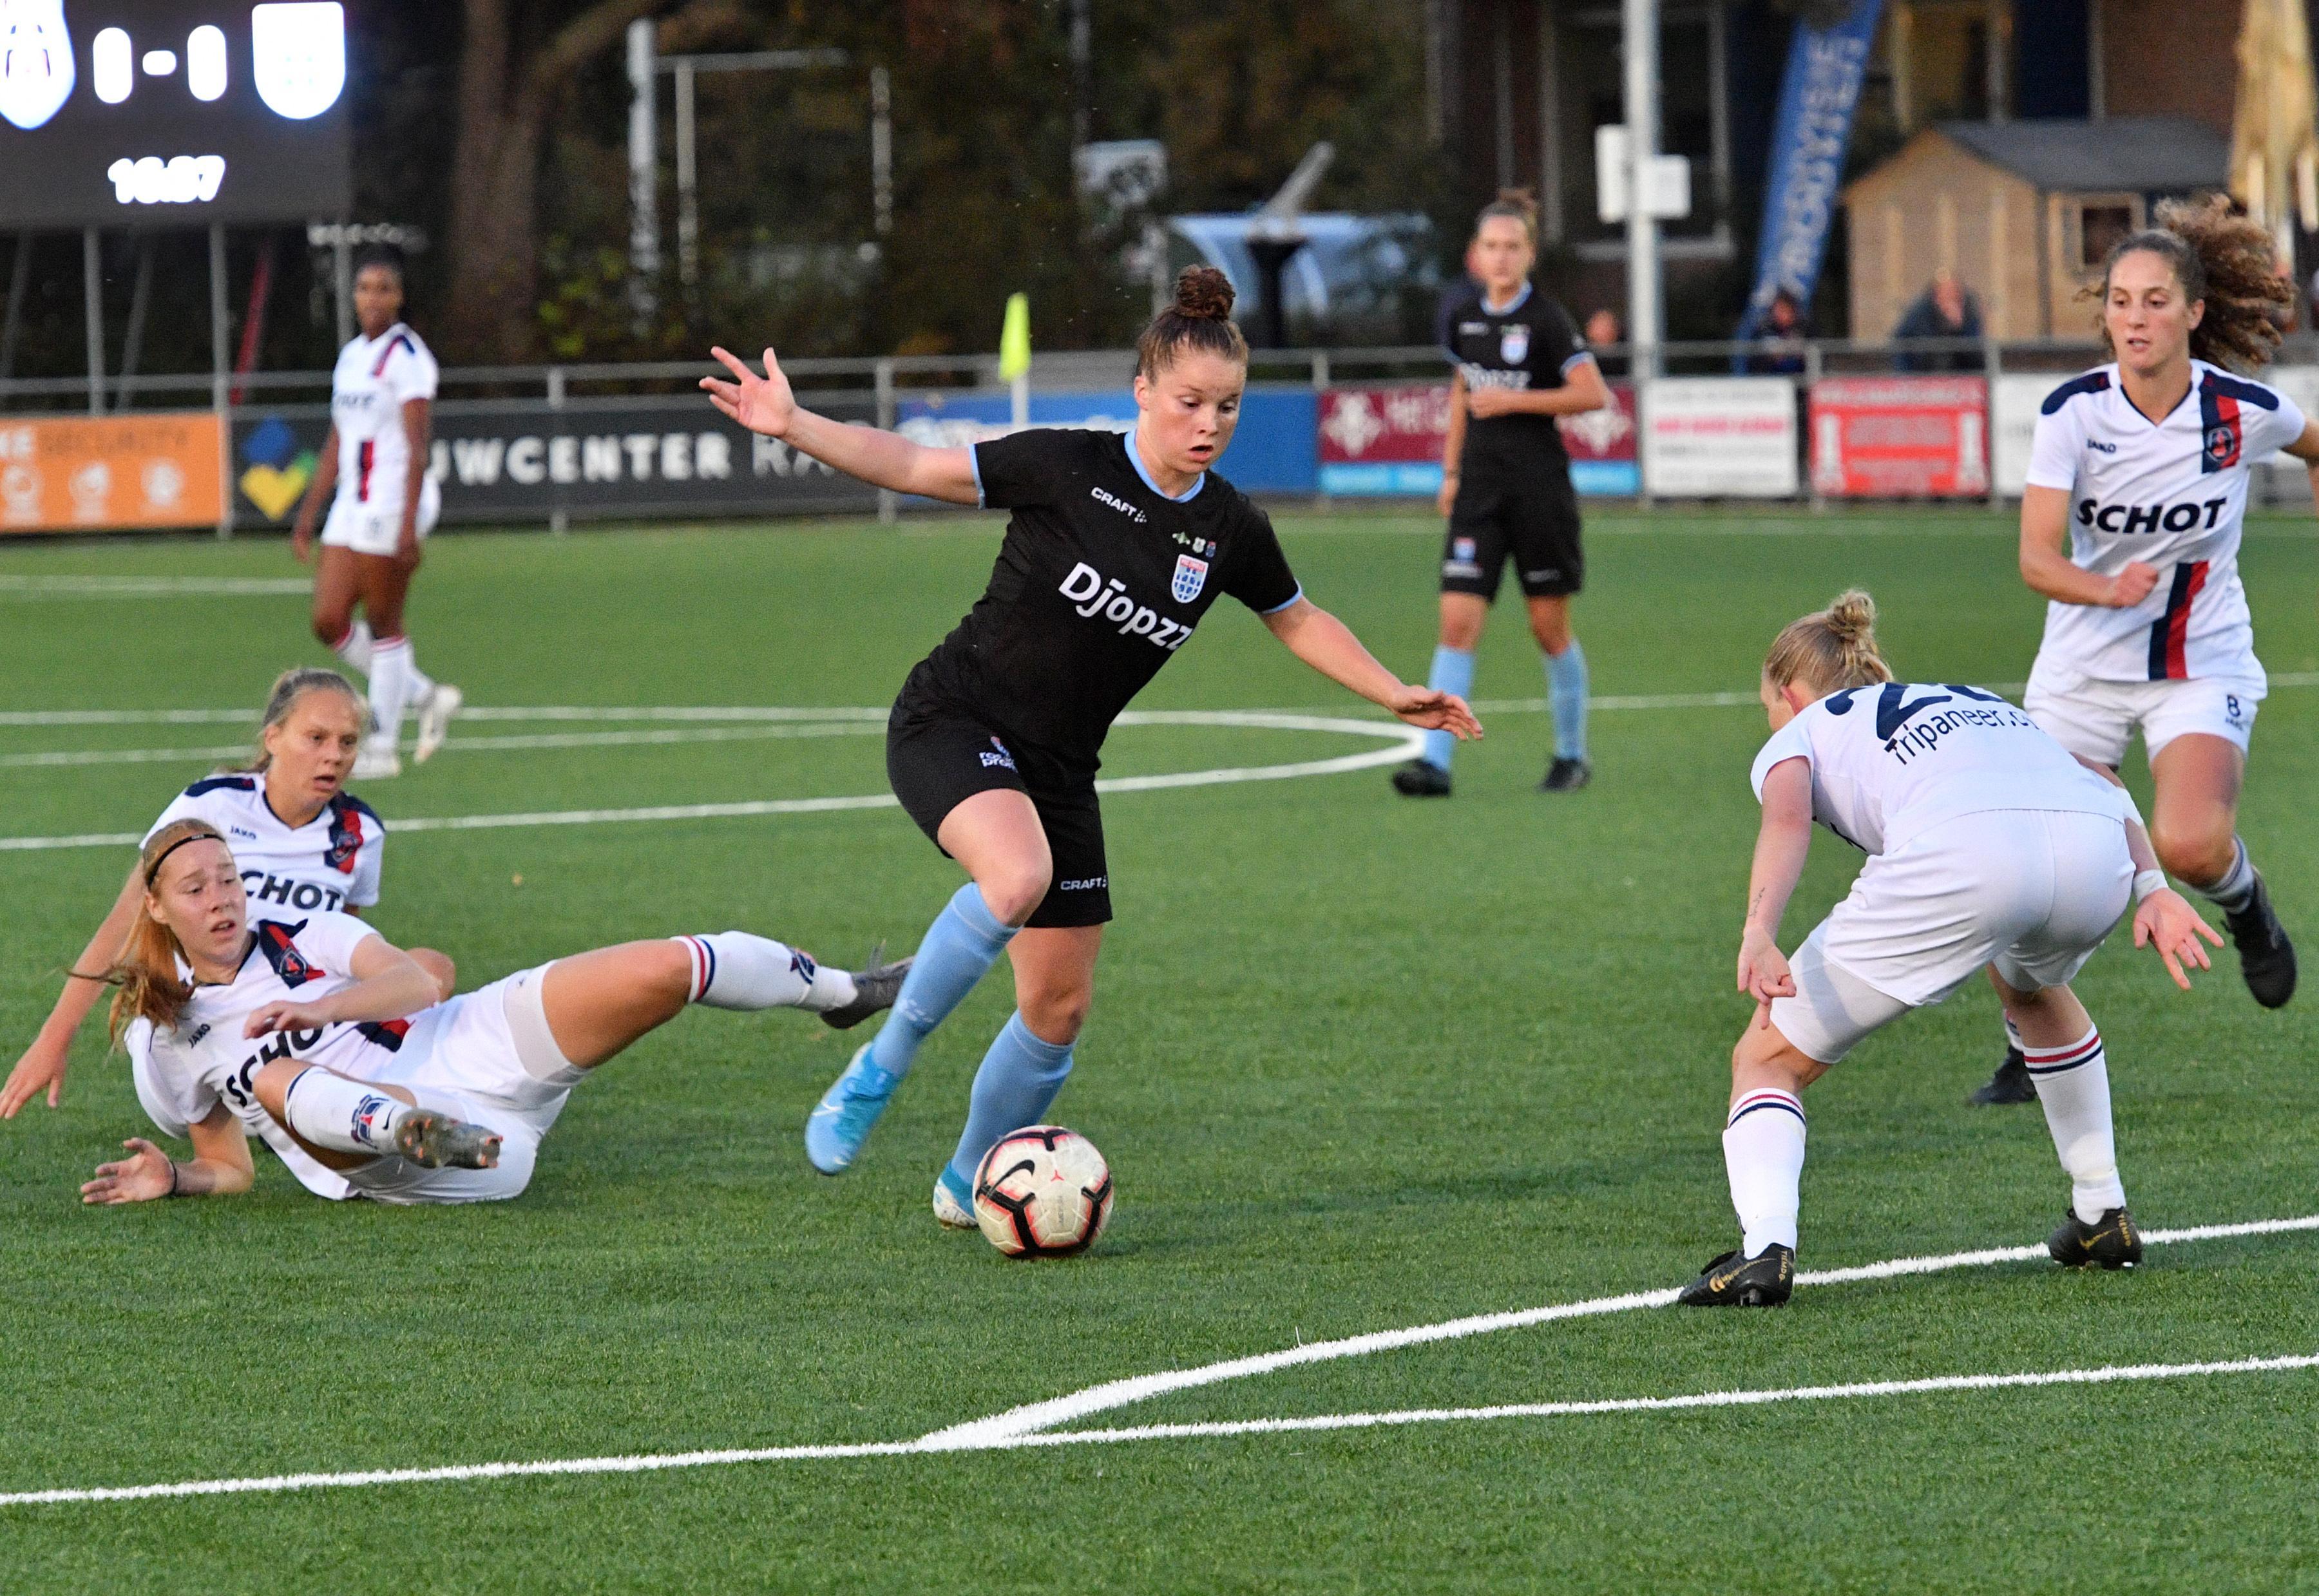 Beverwijkse jeugdinternalional Nikita Tromp (18) ziet Ajax als ideale tussenstap: 'Ik wil over drie jaar graag in het buitenland spelen'